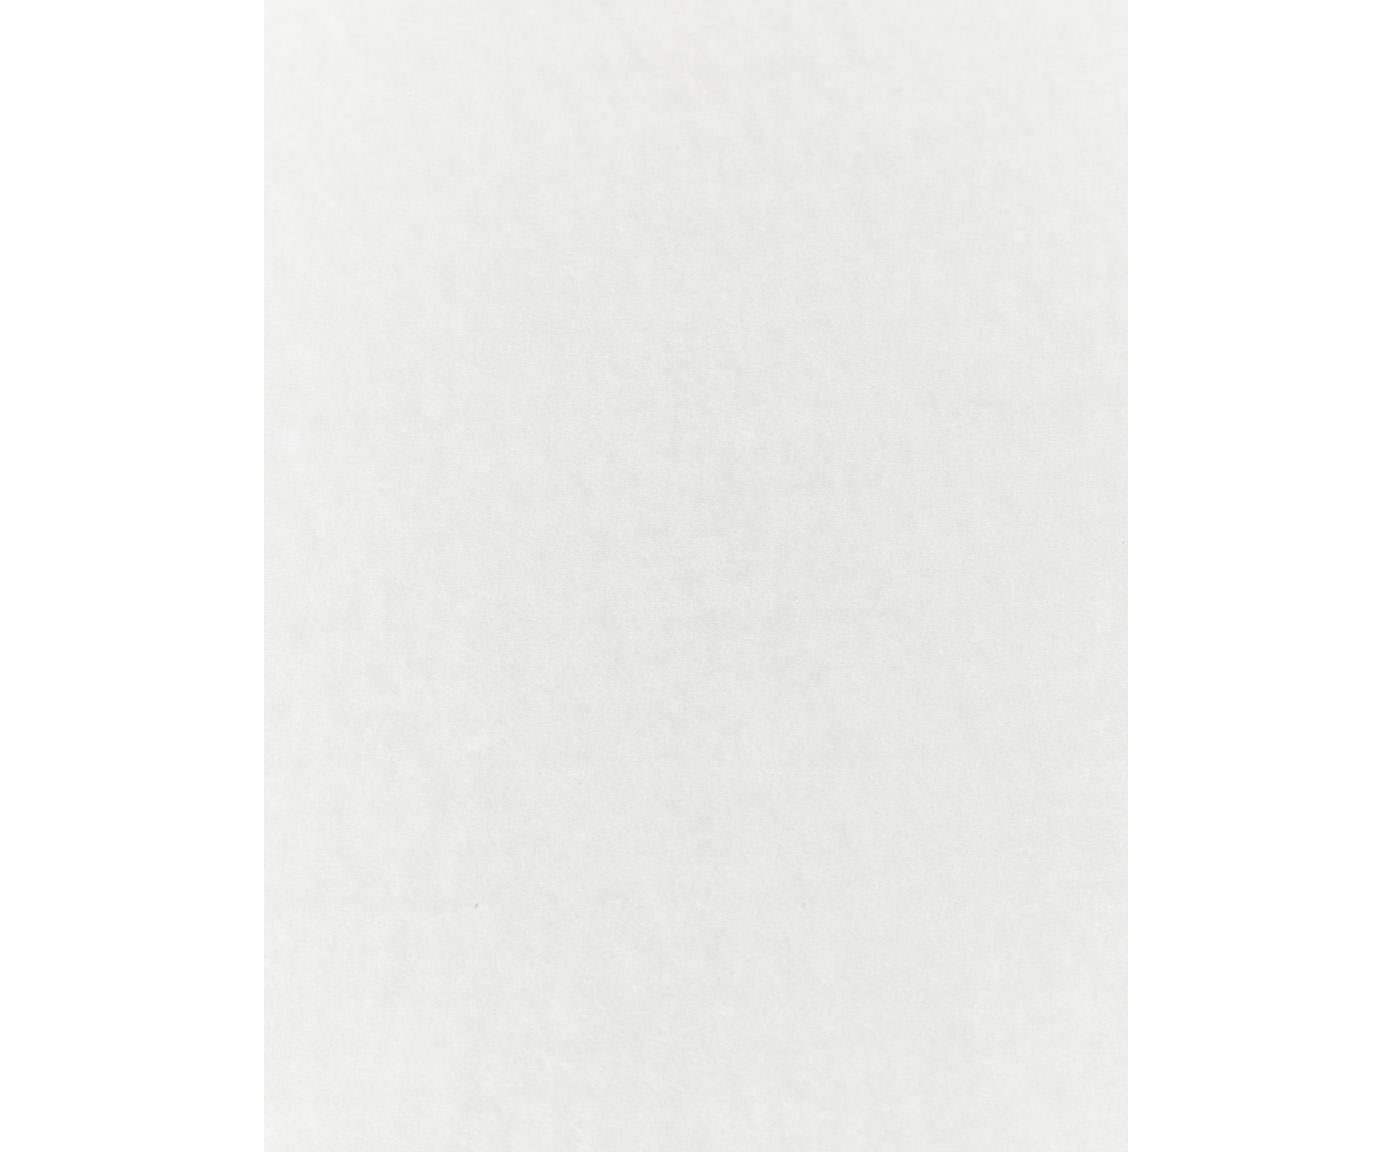 Vlies-Teppichunterlage My Slip Stop aus Polyestervlies, Polyestervlies mit Anti-Rutsch-Beschichtung, Hellgrau, 70 x 140 cm